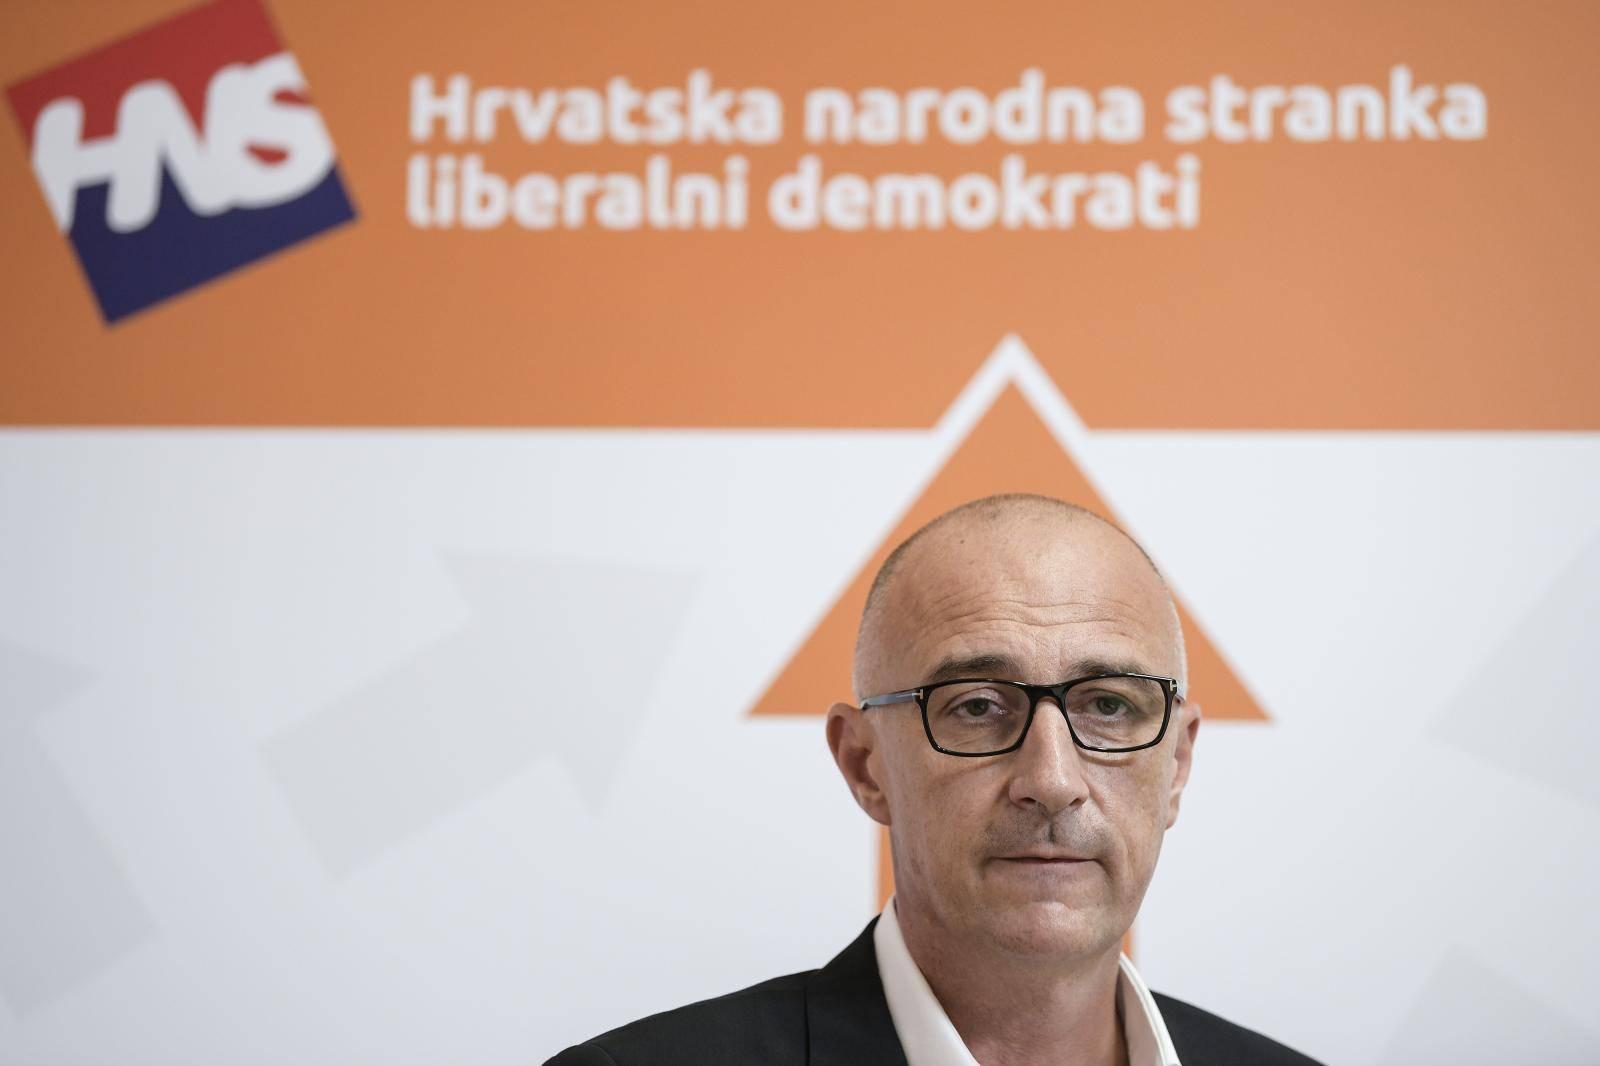 Zagreb: Predsjednik HNS-a, Ivan Vrdoljak, o odlasku Matije Posavca